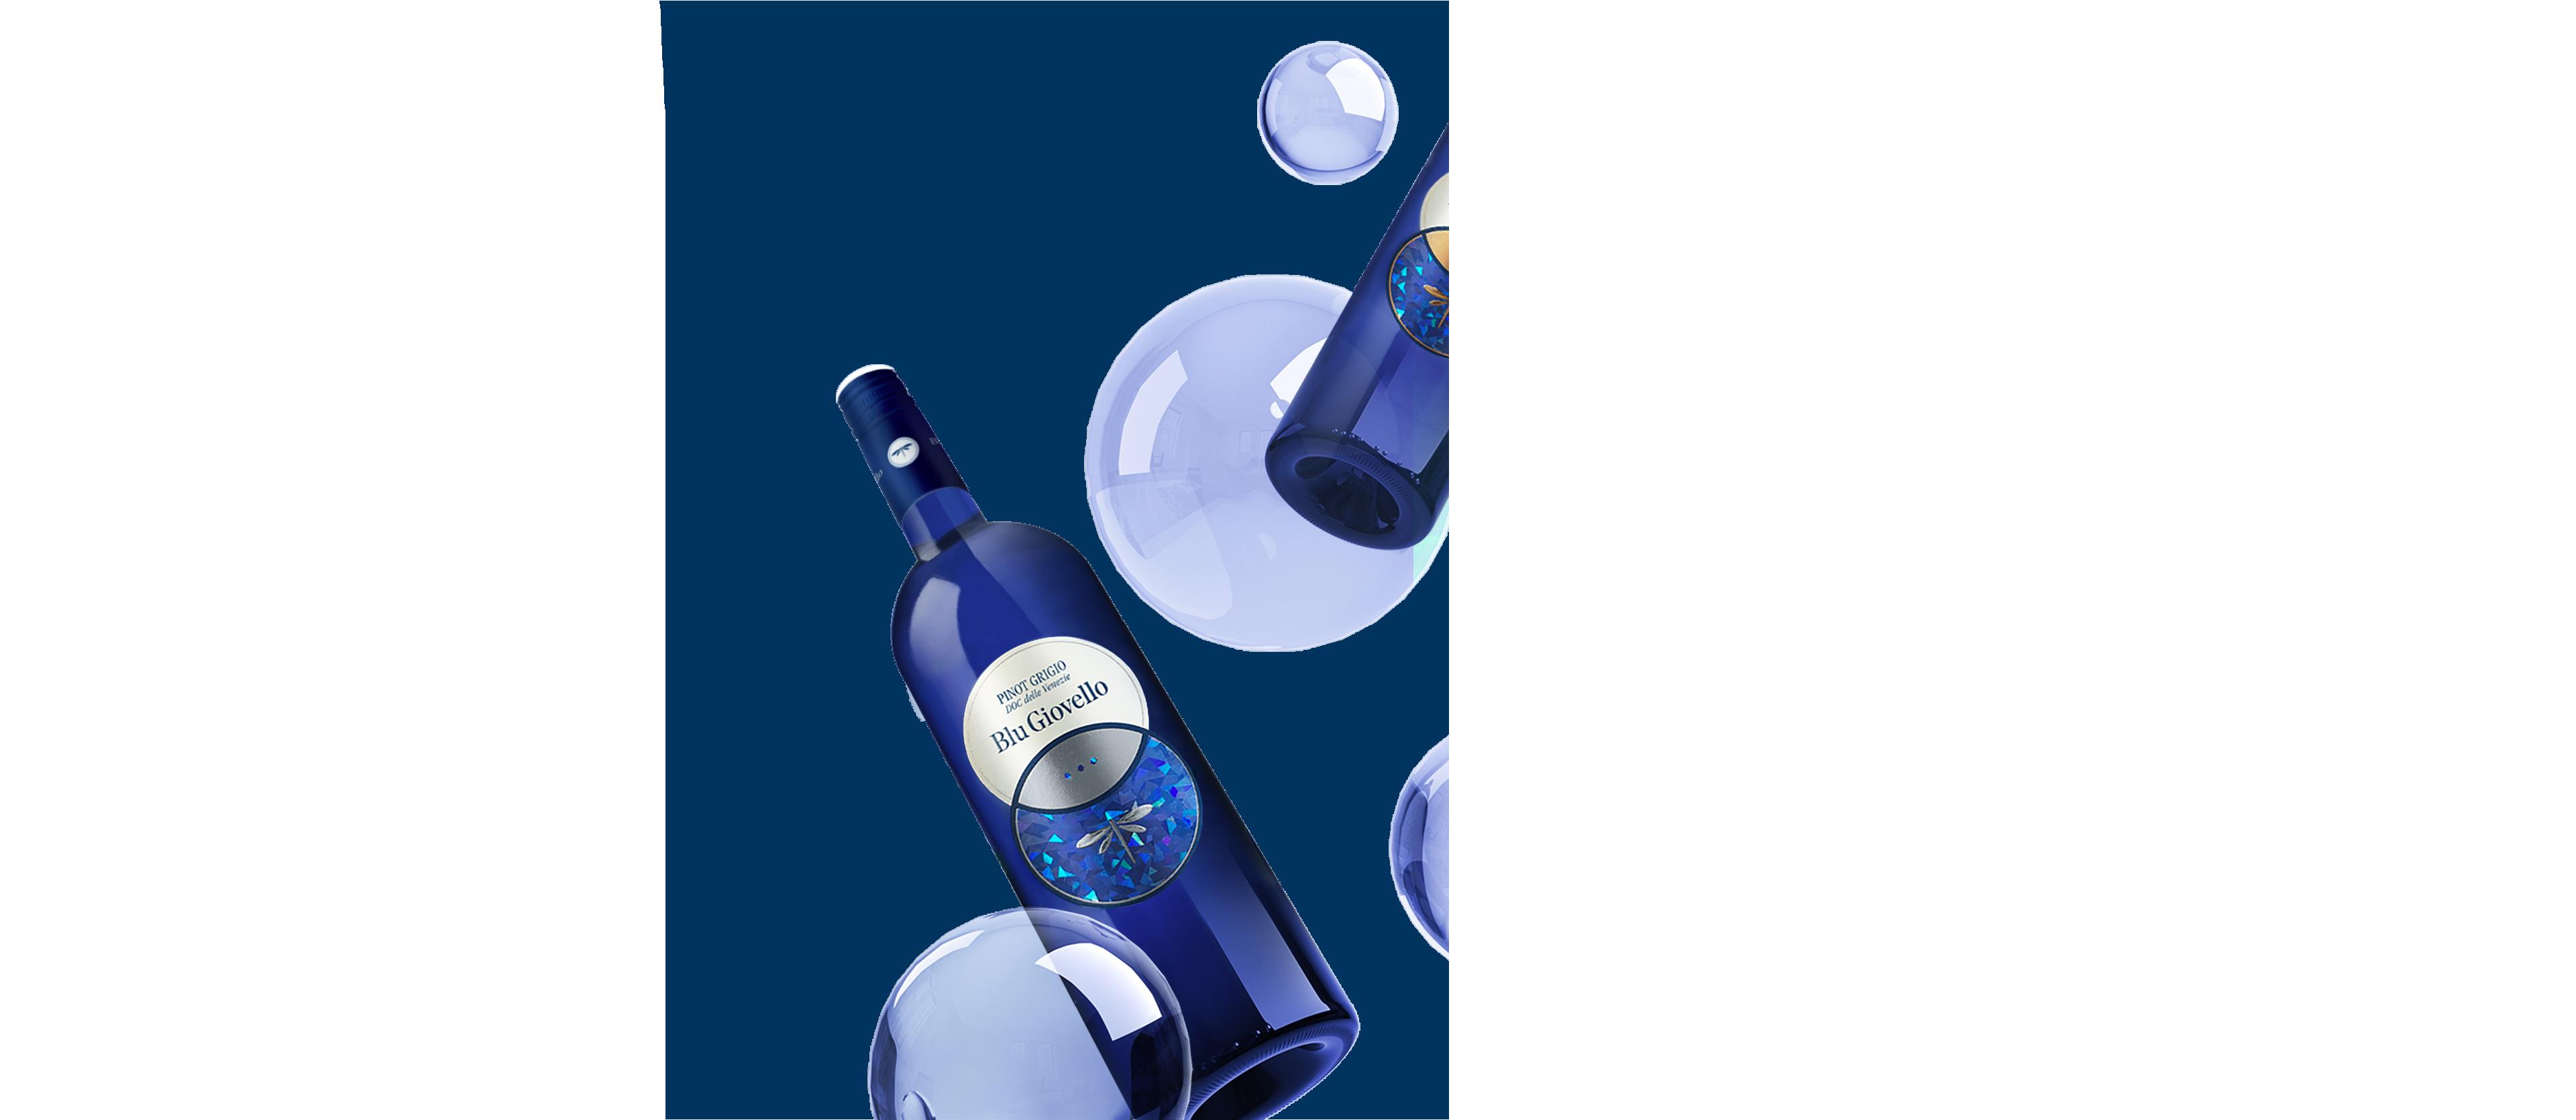 Pinot Grigio - Terre Magre - Piera 1899